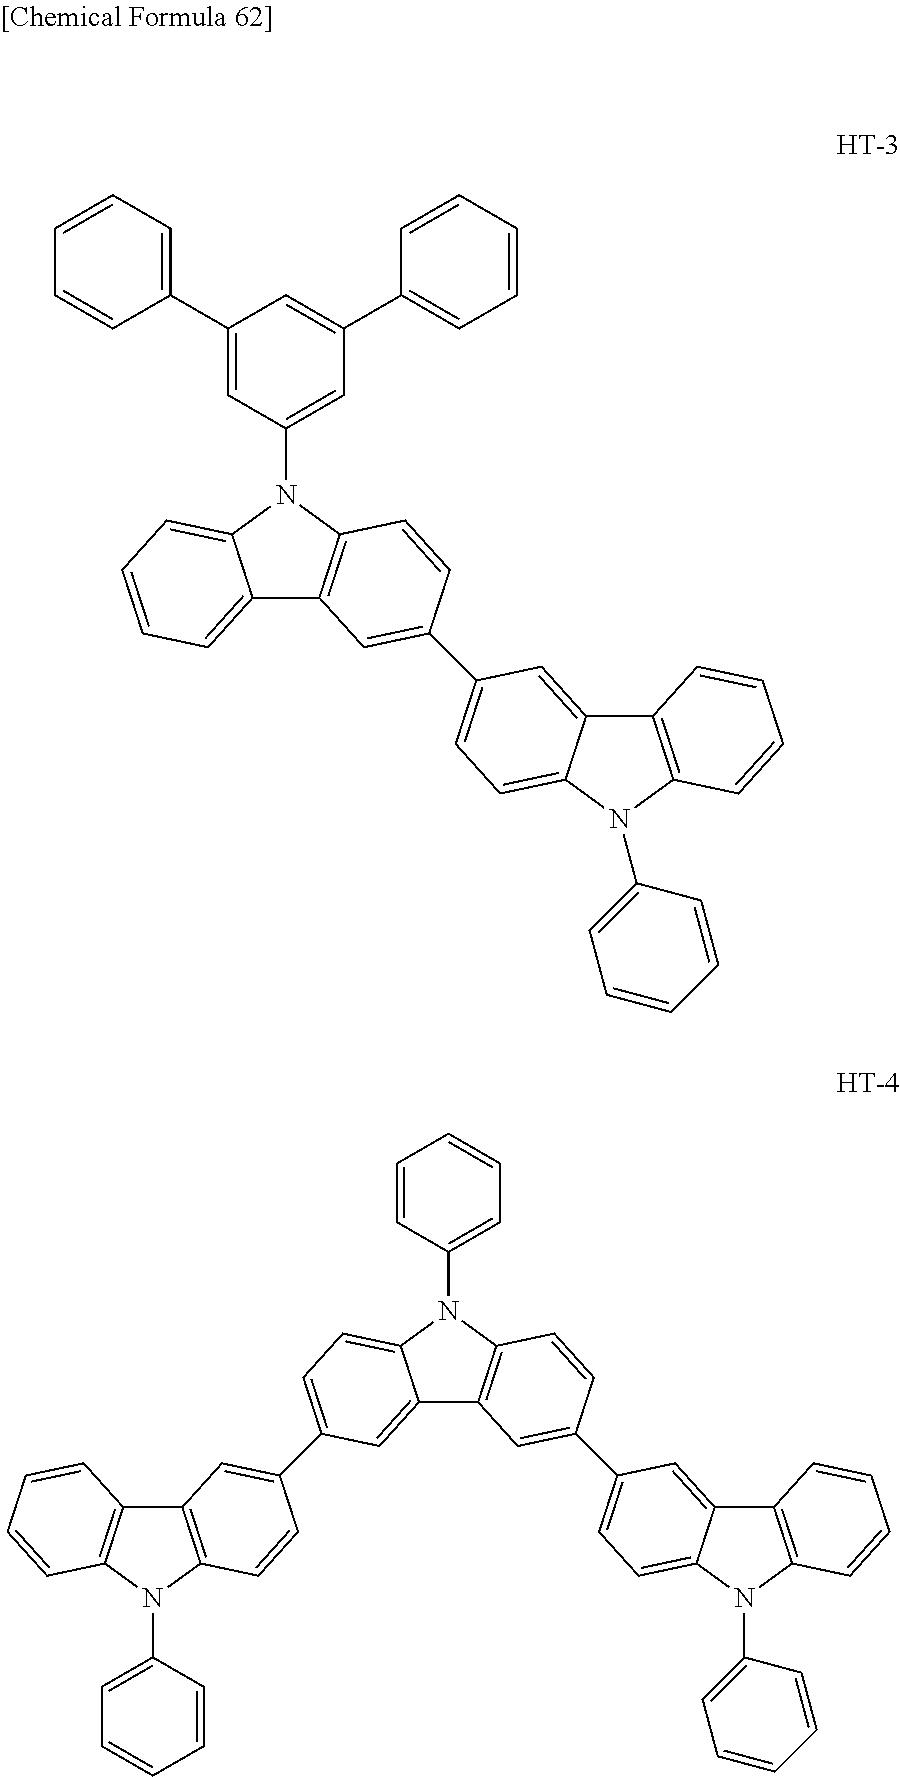 Figure US20150280139A1-20151001-C00150